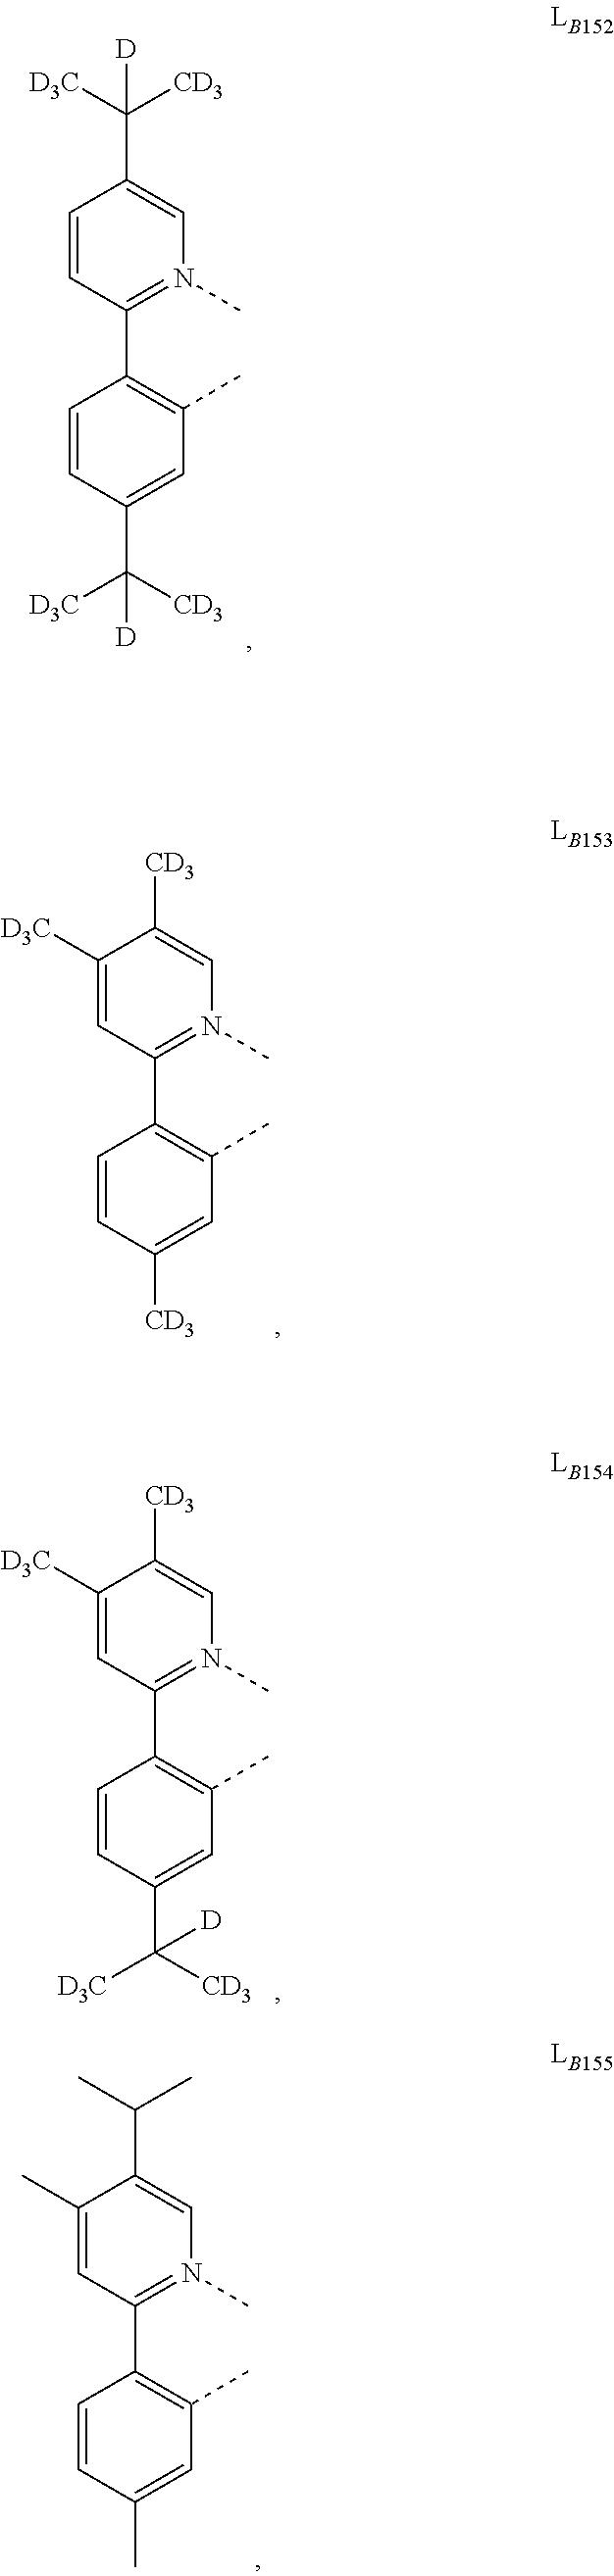 Figure US20160049599A1-20160218-C00528